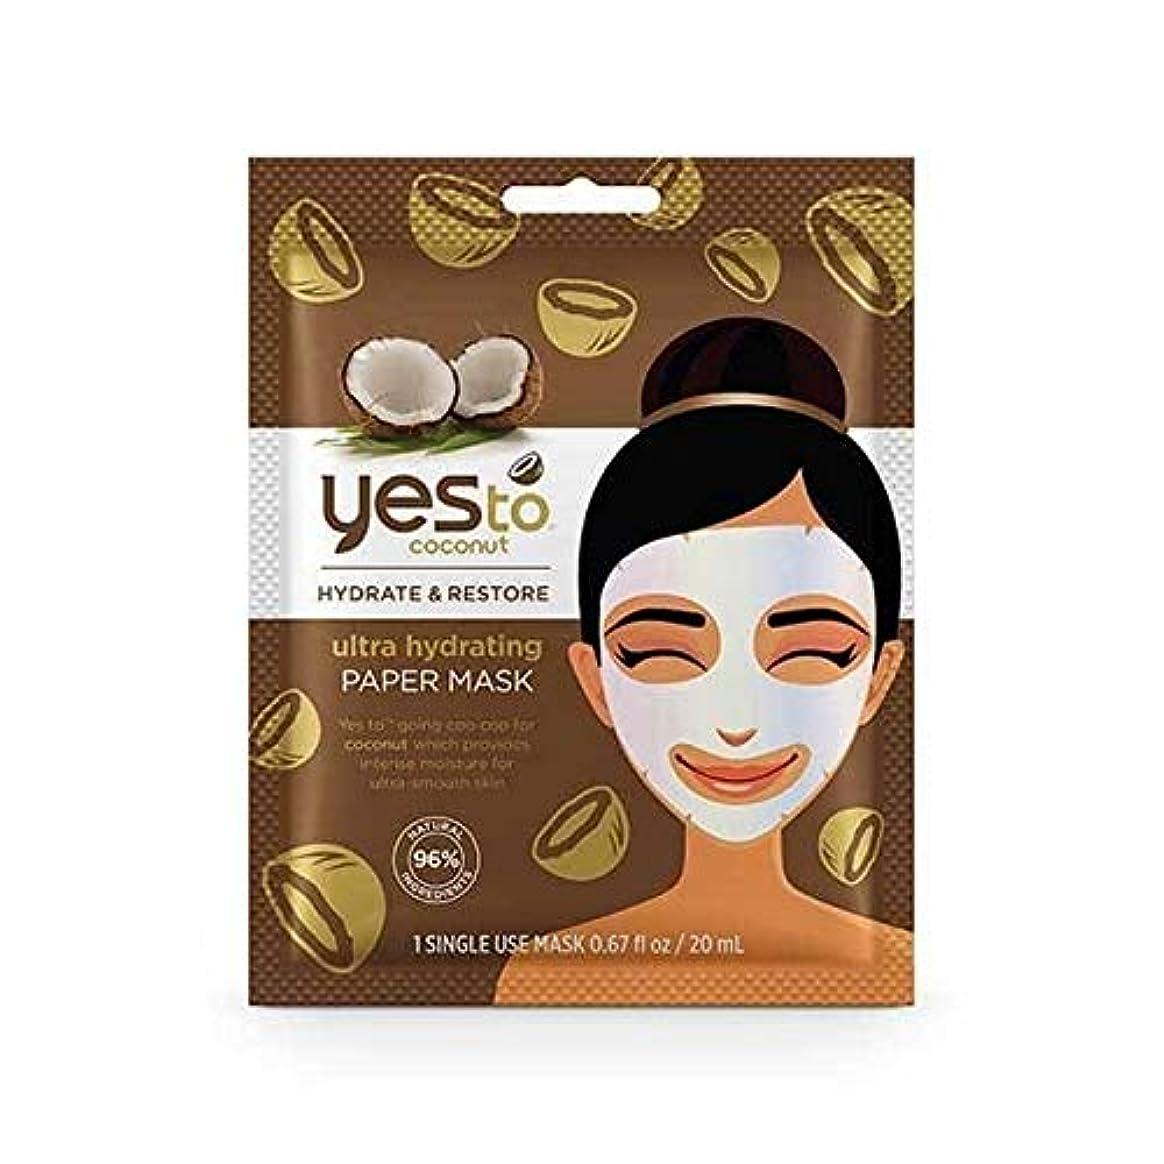 サーバぺディカブどこにも[YES TO!] はい、超水和紙マスクをココナッツします - Yes To Coconut Ultra Hydrating Paper Mask [並行輸入品]